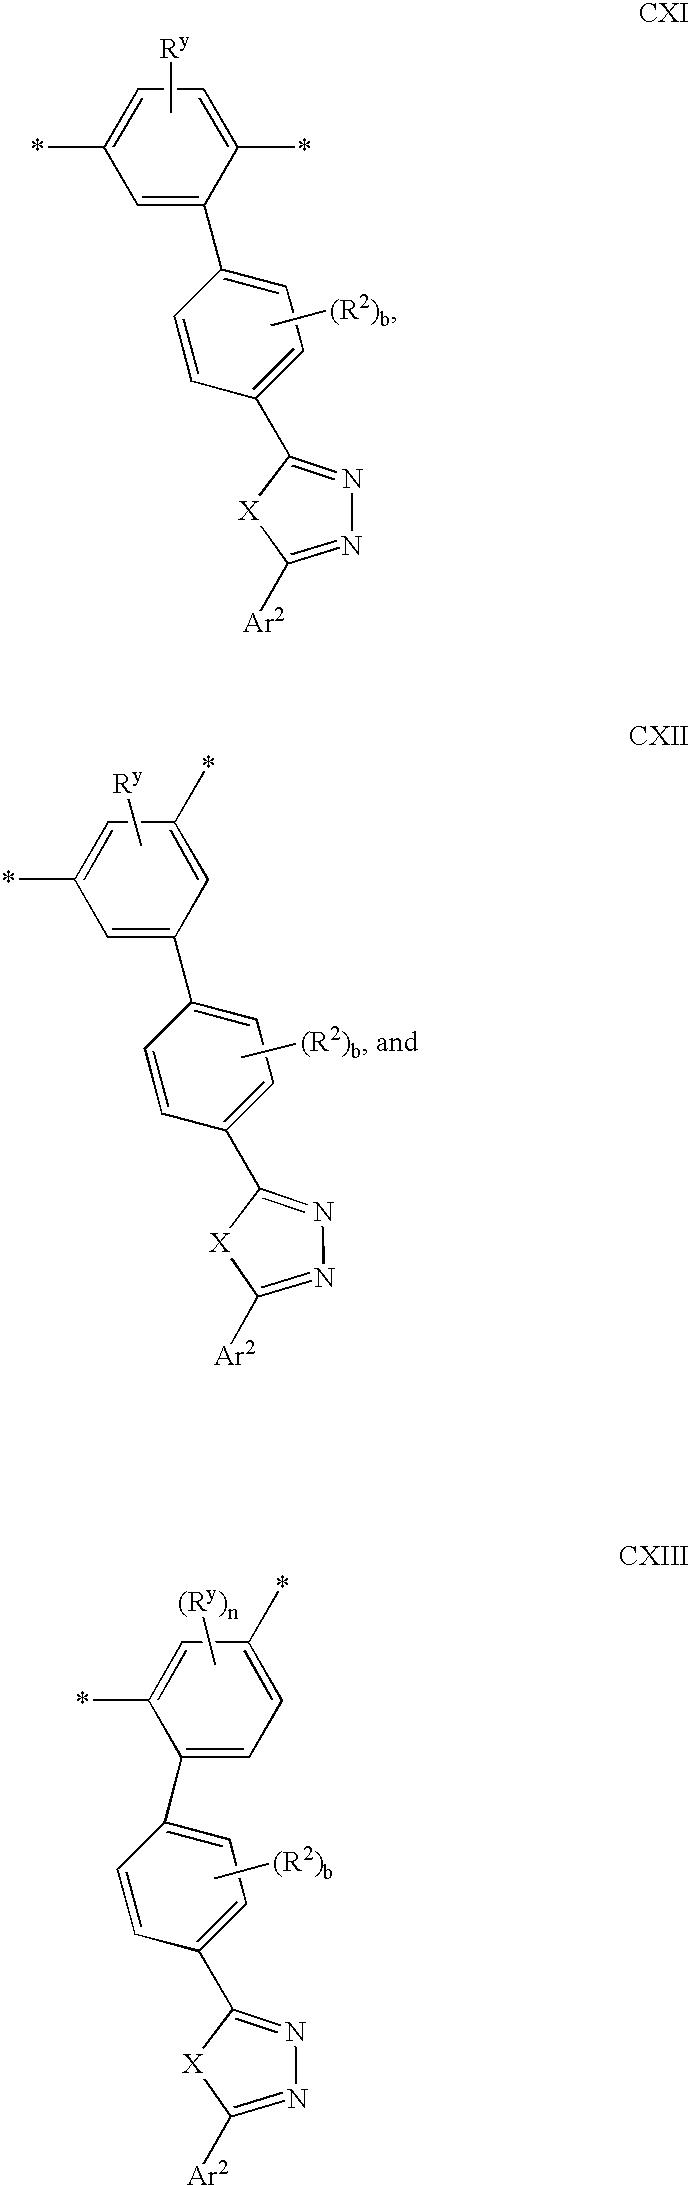 Figure US20040062930A1-20040401-C00099